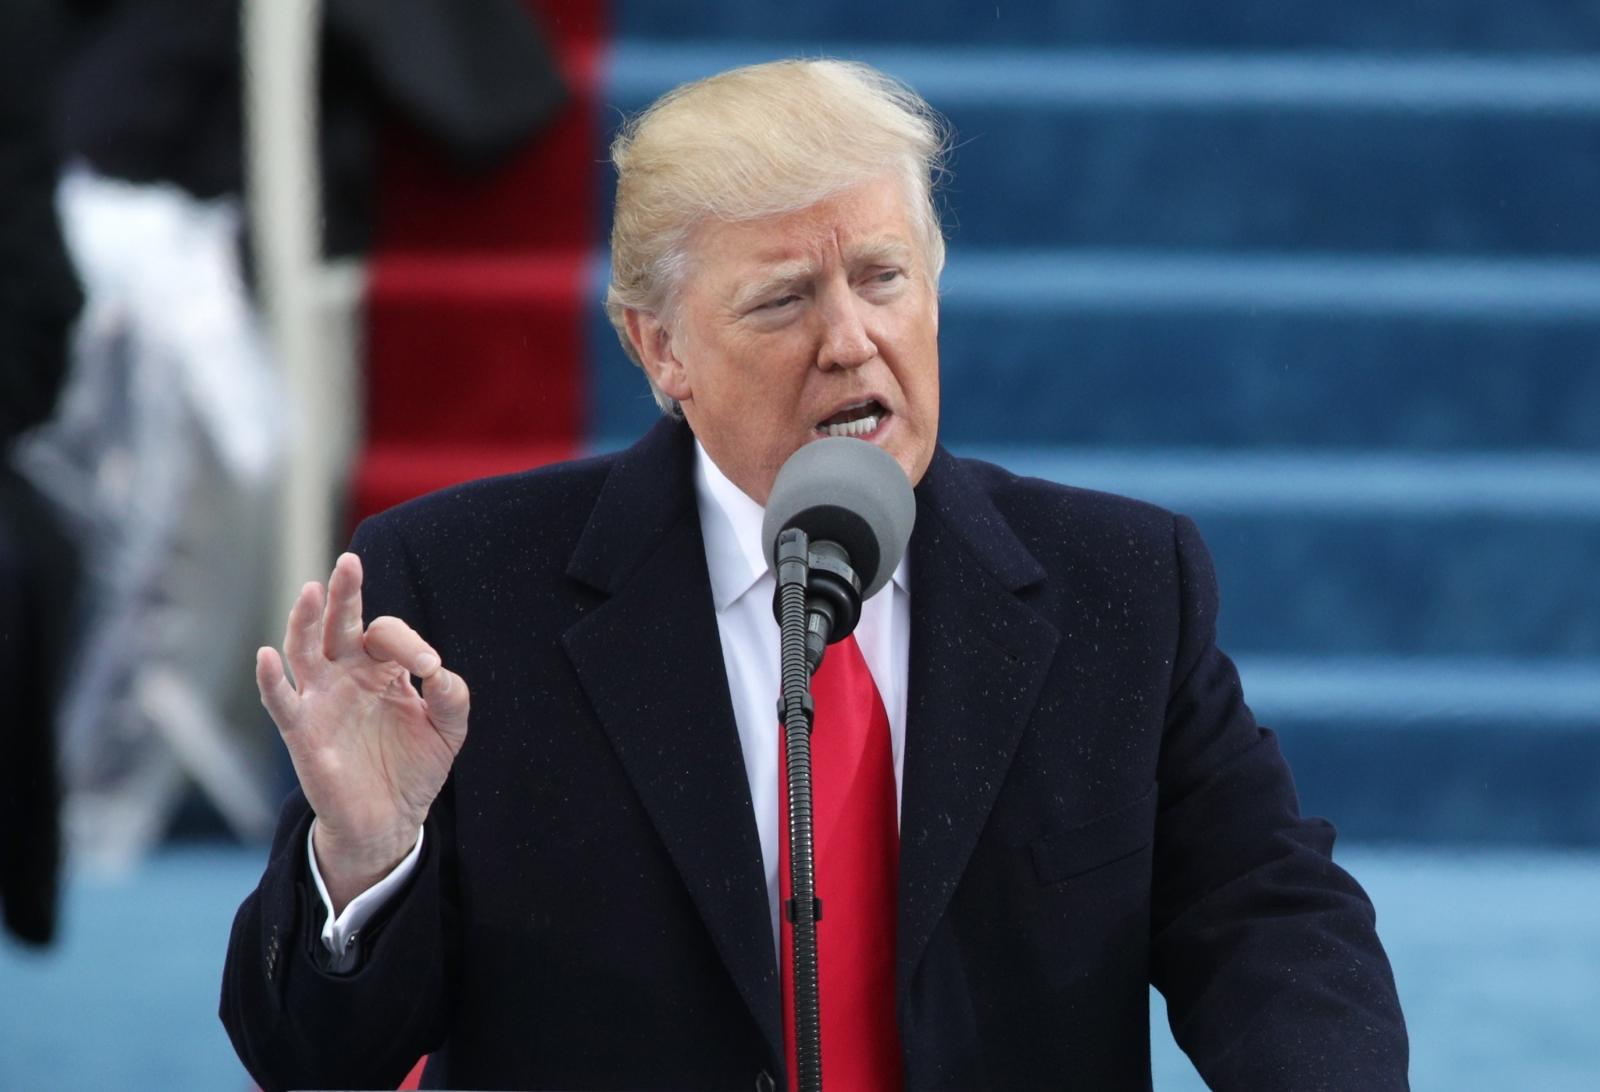 Trump first speech as President